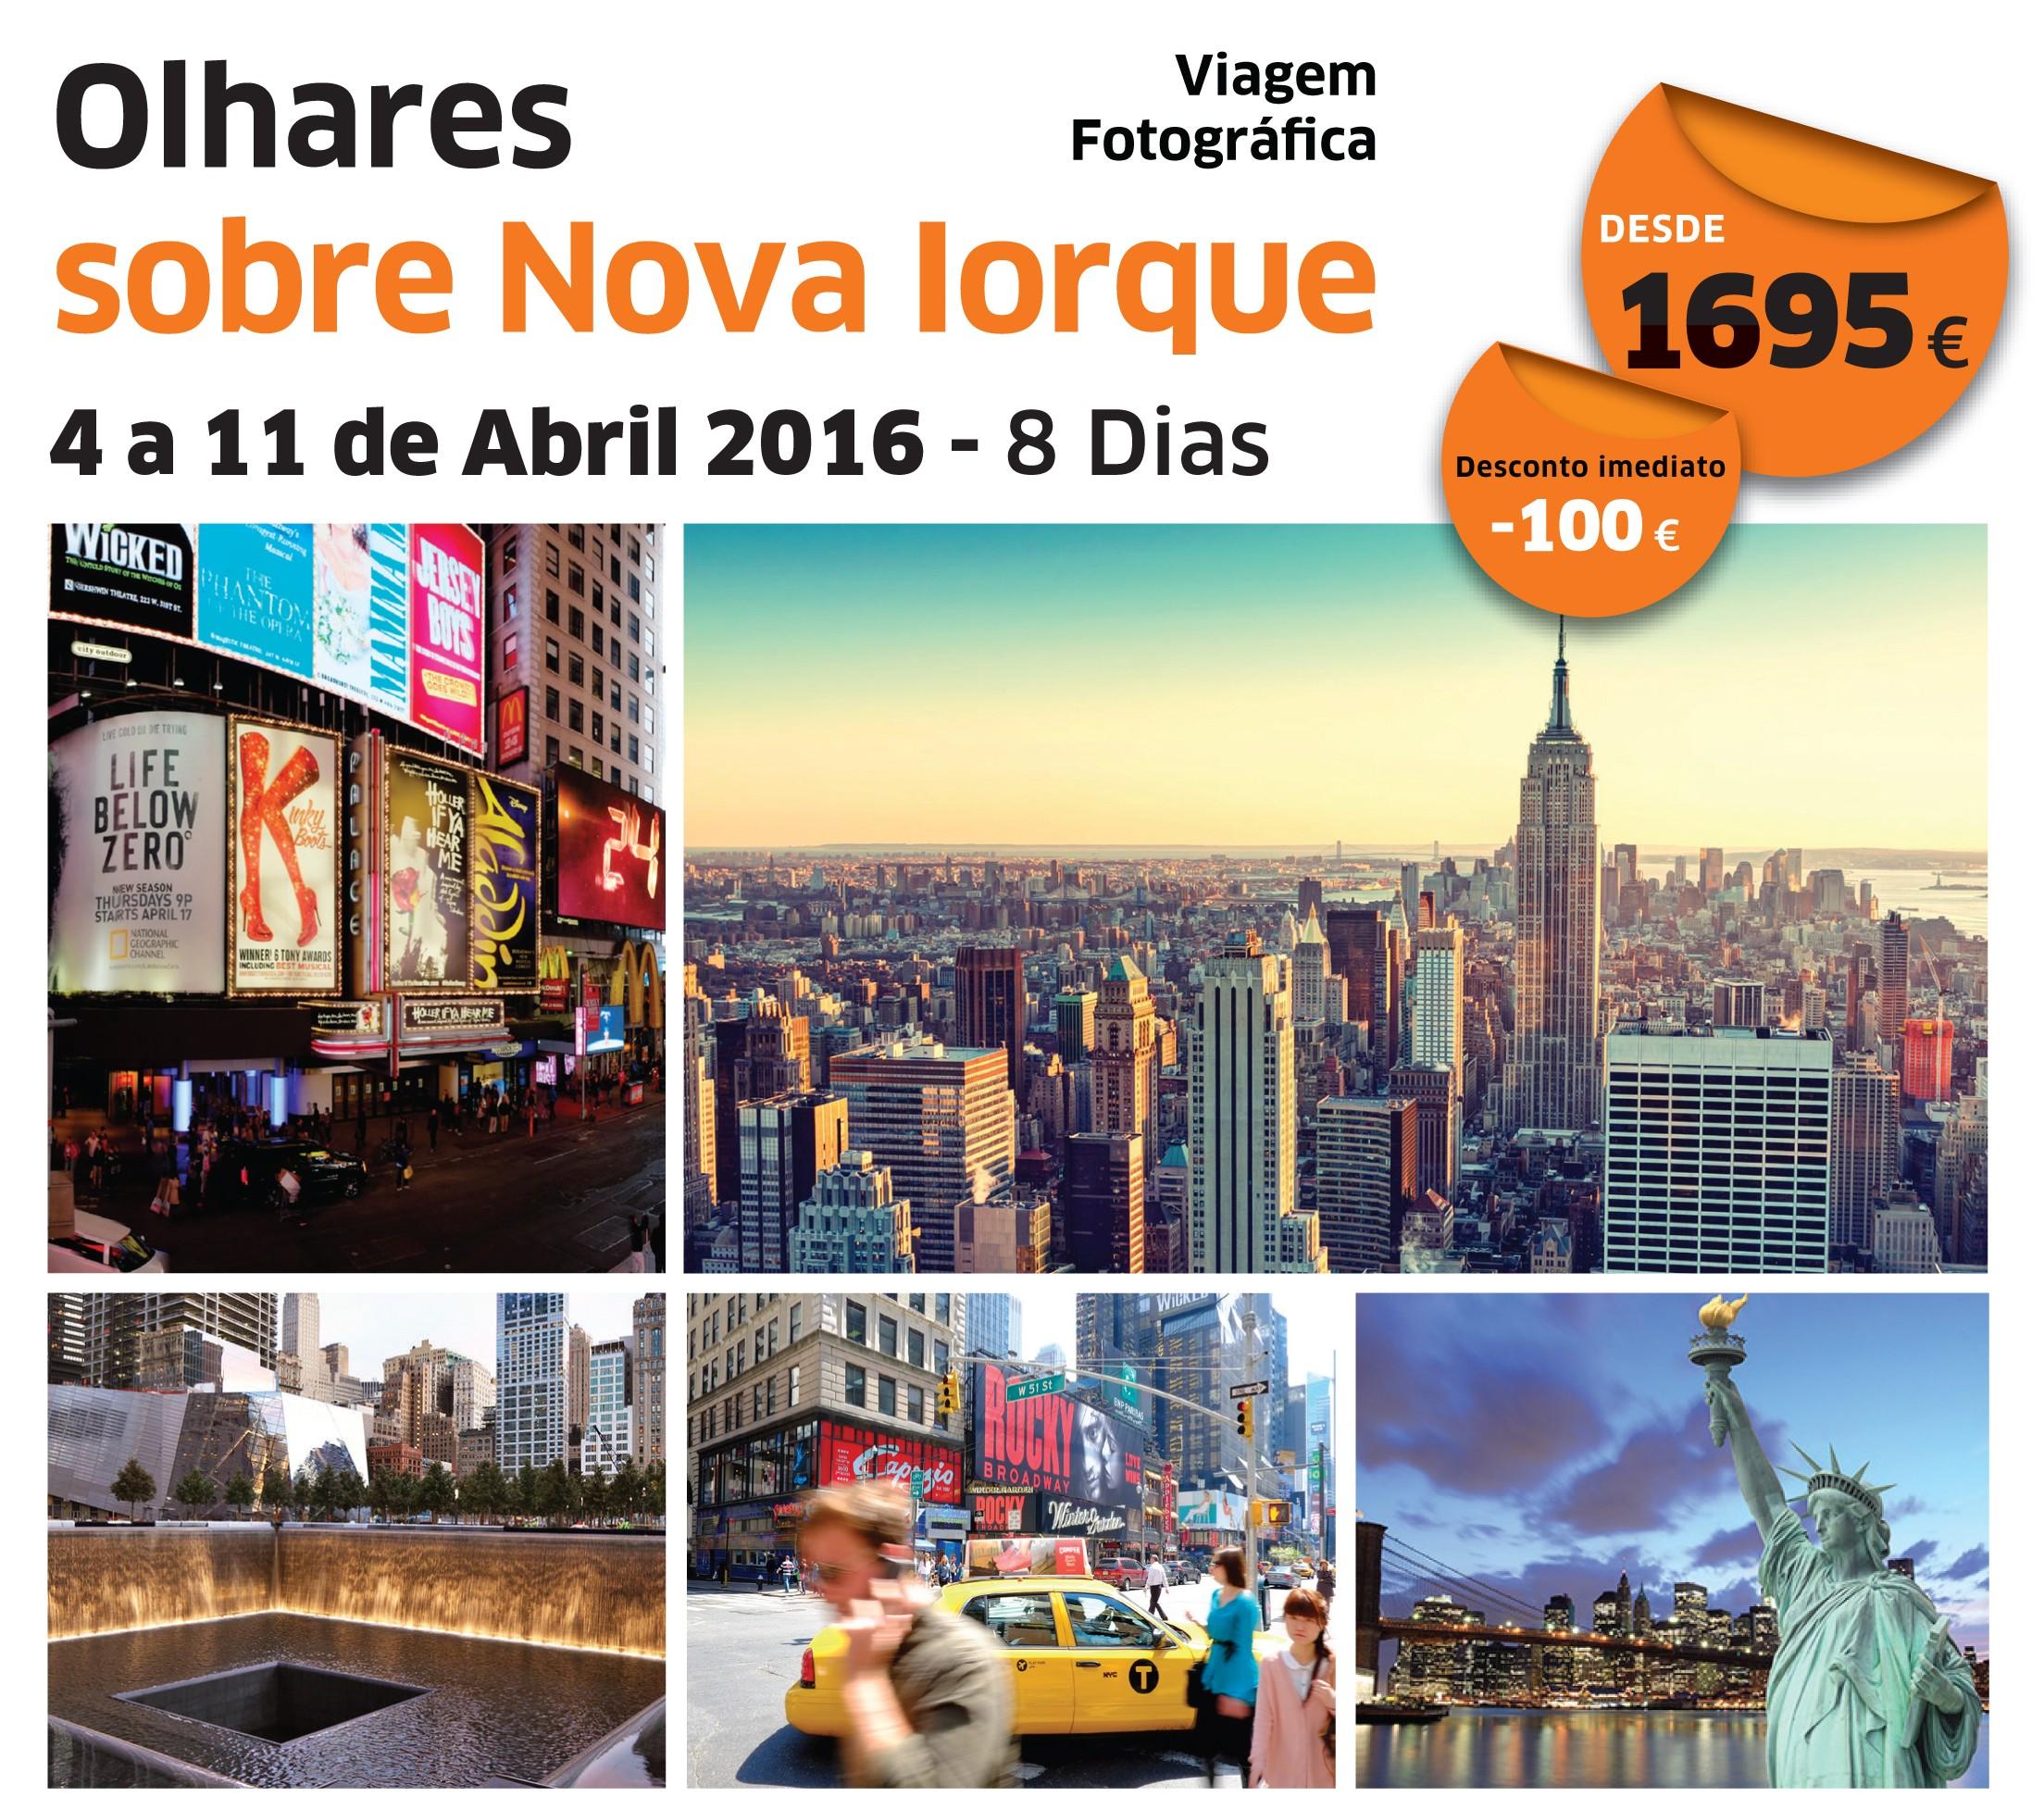 20160113_olhares_novaiorque